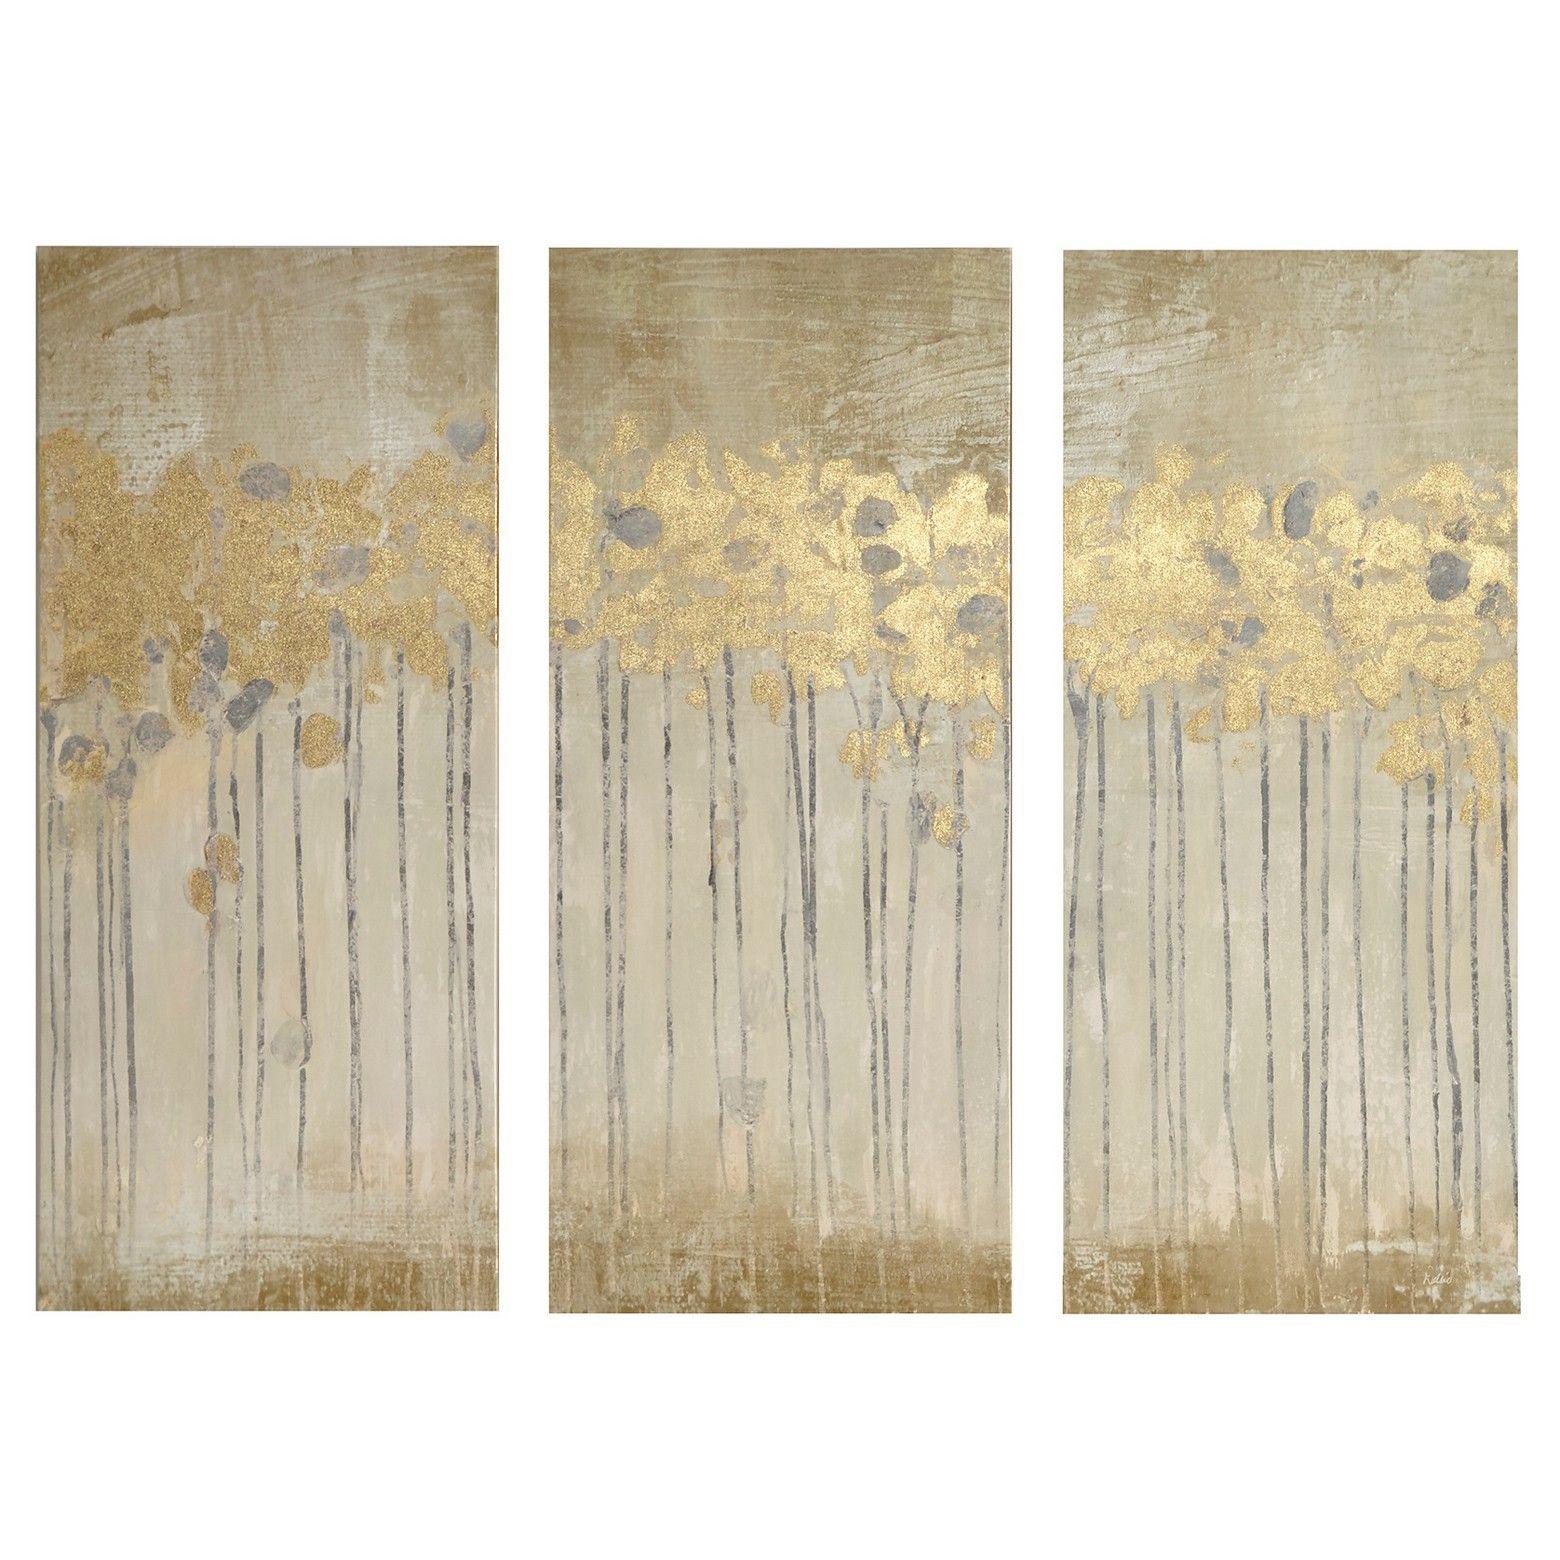 Gel Coat Canvas with Gold Foil Embellishment 3 Piece Set | Triptych ...